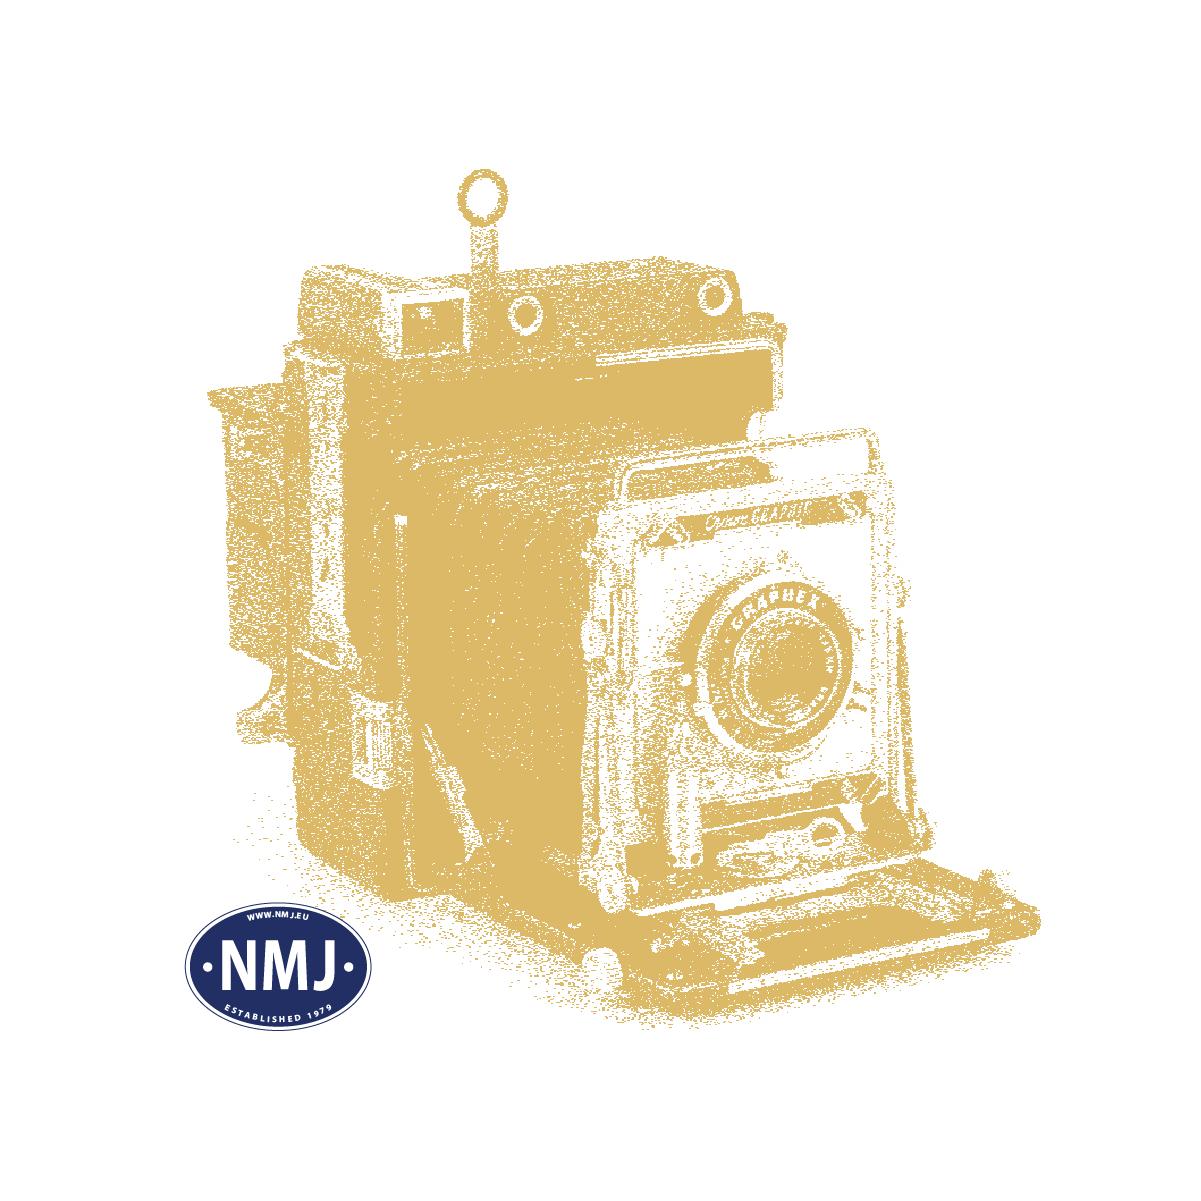 NMJH15106 - NMJ Skyline Modell der NSB Strømmen Station, 1940er Jahre, Fertigmodell